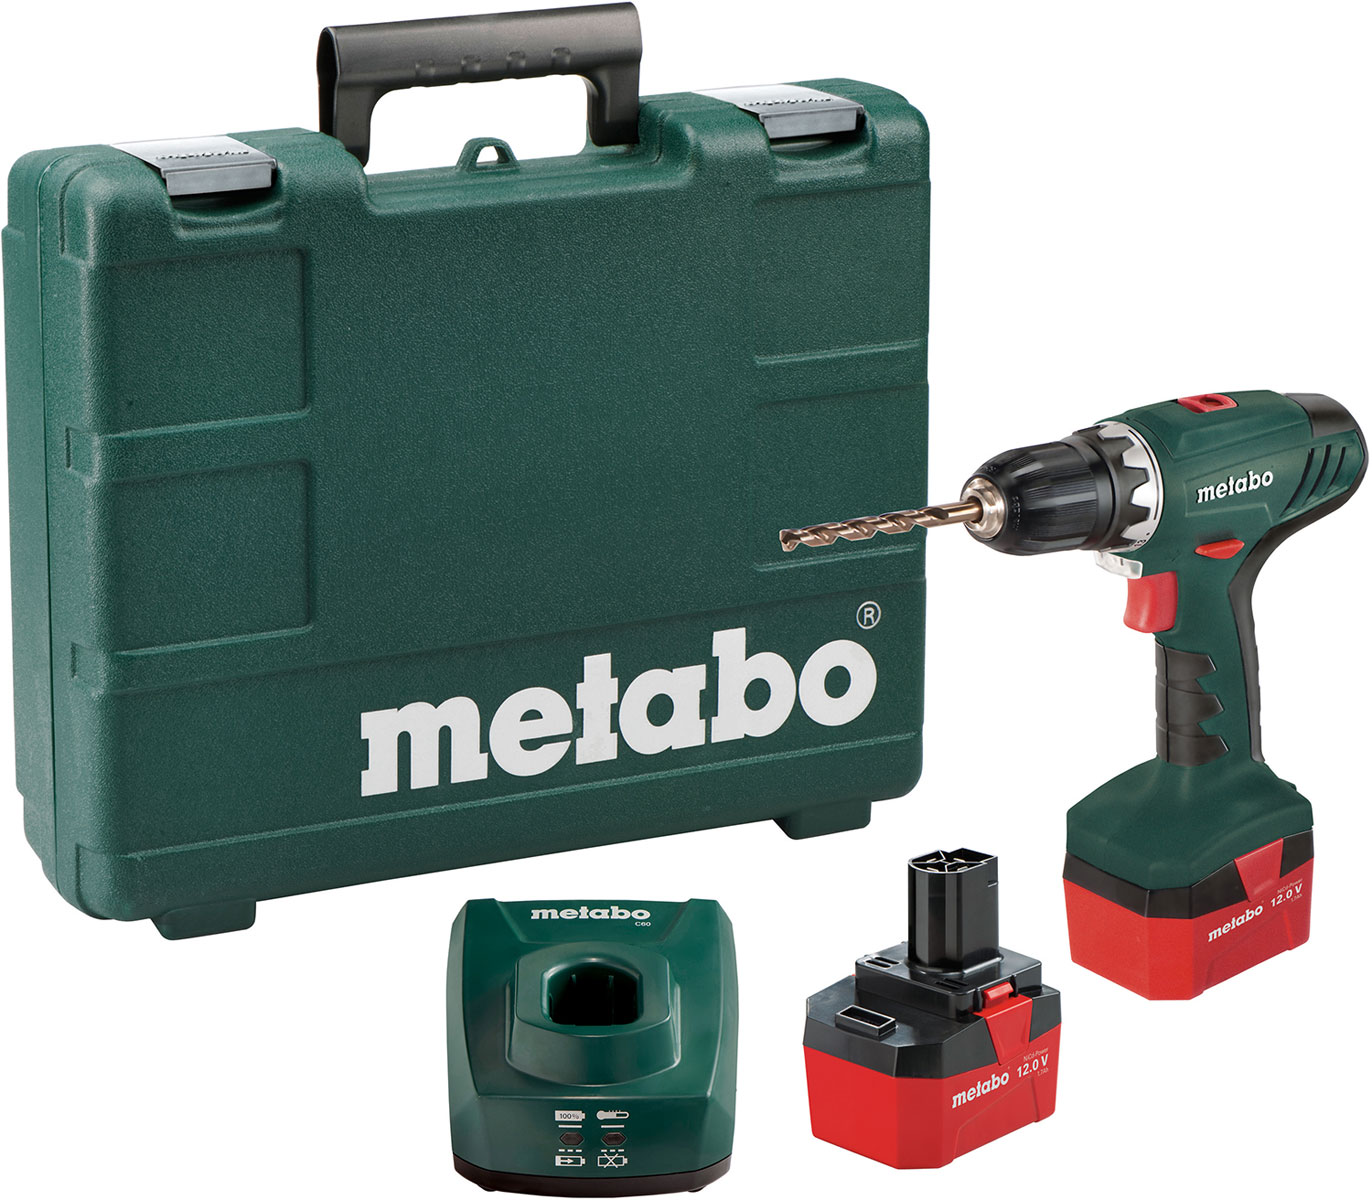 Шуруповерт аккумуляторный Metabo BS 12 NiCd602194500Аккумуляторный шуроповерт Metabo BS 12 NiCd имеет новый современный дизайн. Инструмент используется для сверления отверстий и закручивания крепежных элементов. Рукоятка обеспечивает надежный хват, благодаря чему работать комфортно. Быстрозажимной патрон означает более быструю и простую замену насадок. Яркая светодиодная подсветка позволяет работать в условиях недостаточной освещенности. Пластиковый кейс решает вопрос хранения и транспортировки. Особенности: Встроенная подсветка для освещения рабочего места.Быстрозажимный патрон и редуктор со стопором шпинделя для удобной смены инструмента, выполняемой одной рукой.Напряжение аккумуляторного блока 12 V.Емкость аккумуляторного блока 1,7 Ah.Тормоз выбега.Диапазон зажима сверлильного патрона: 1 - 10 мм.Значения для числа оборотов холостого хода: 0 - 450 / 0 - 1.500 /мин.Диаметр сверления в дереве/стали: 20 мм / 10 мм.Регулируемый крутящий момент: 1,8 - 5,2 Нм.Макс. жесткий вращающий момент: 35 Нм.Макс. мягкий вращающий момент: 17 Нм.Напряжение аккумуляторного блока: 12 В.Емкость аккумуляторного блока: 1,7 Ач.Вид аккумуляторного блока: NiCd.Вес (с аккумуляторным блоком) 1,5 к.